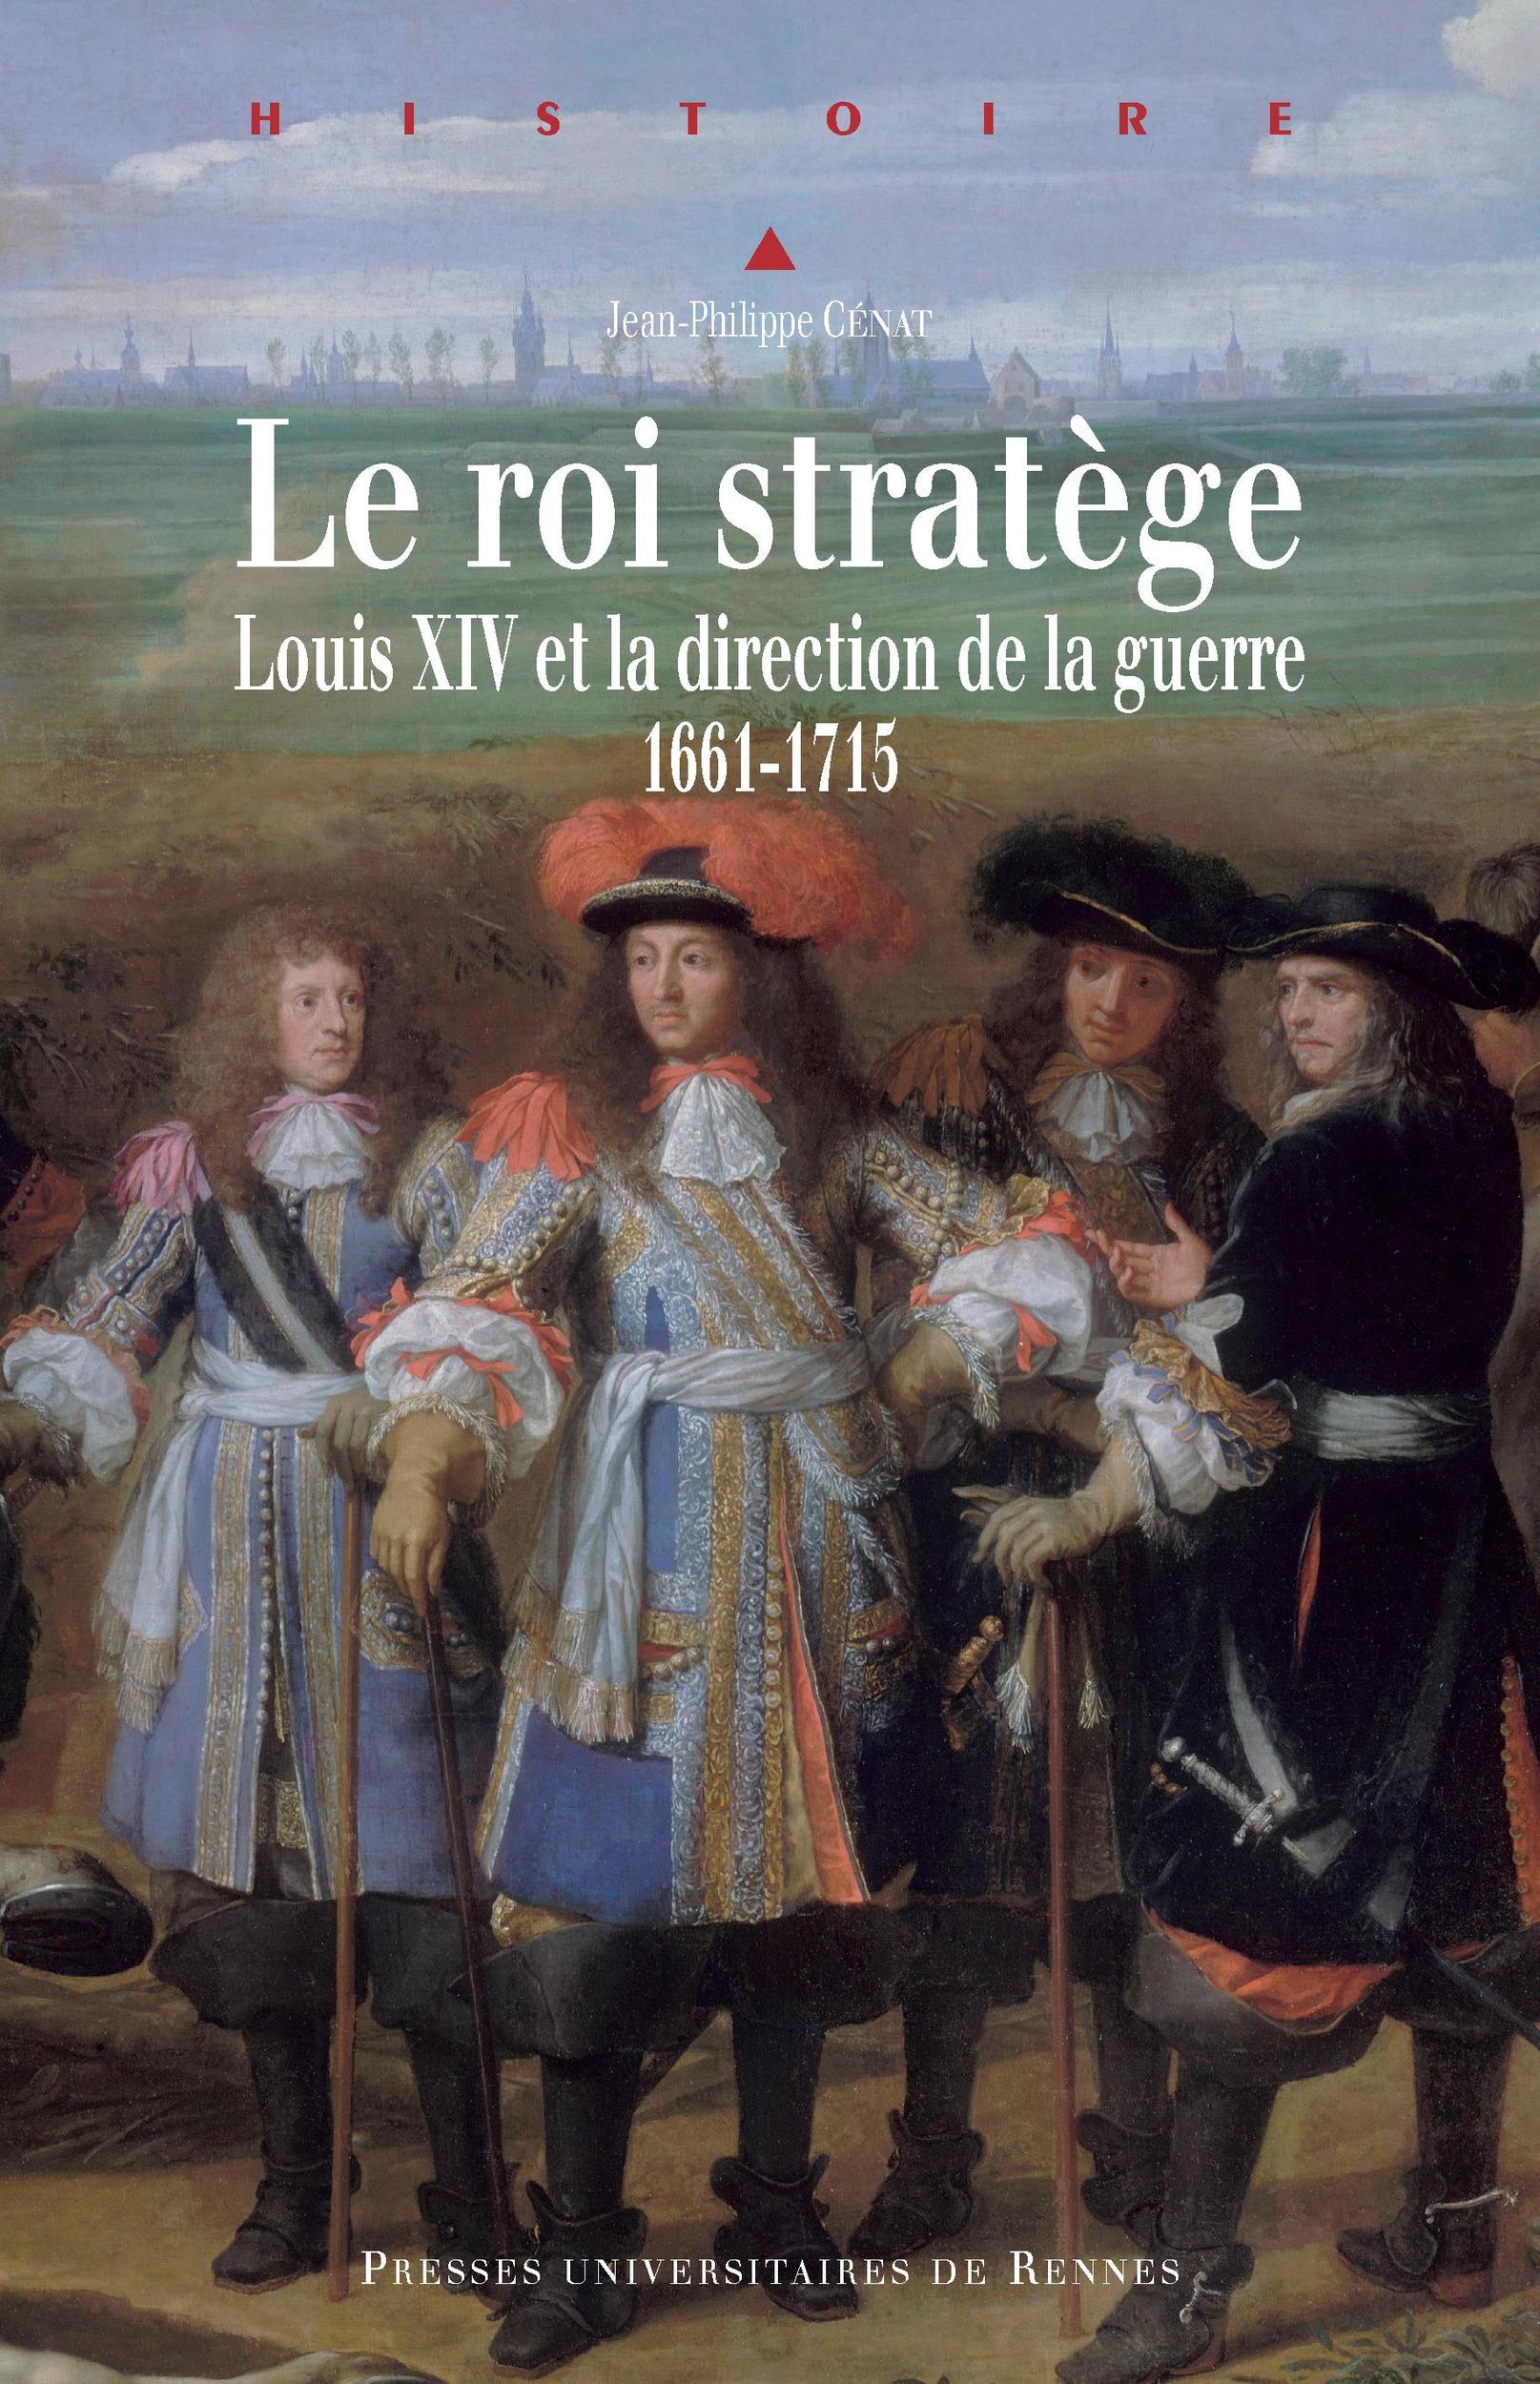 Le roi stratège ; Louis XIV et la direction de la guerre 1661-1715